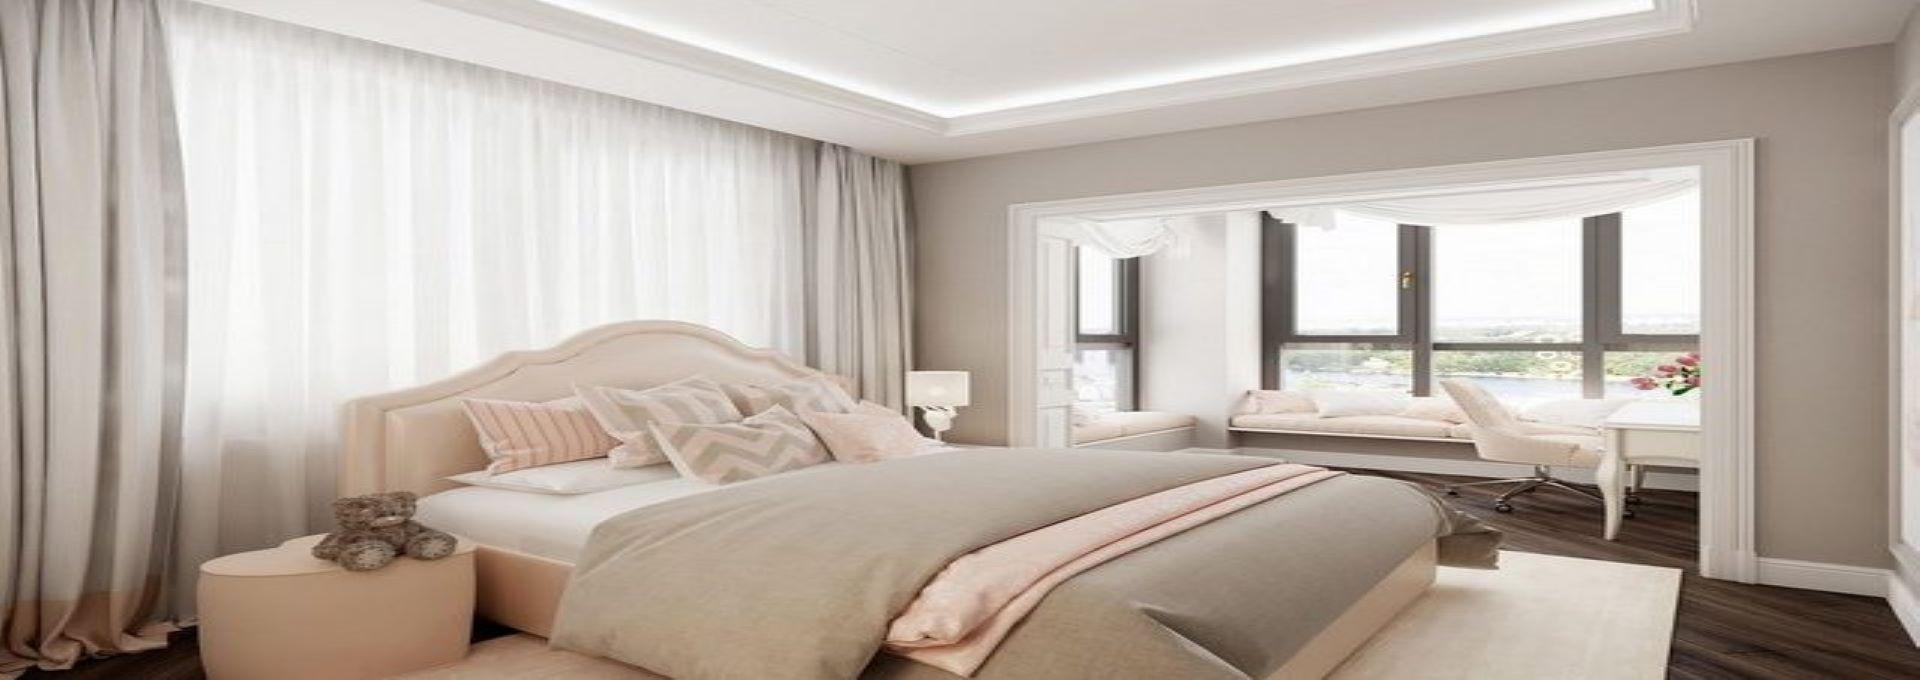 interior design_header